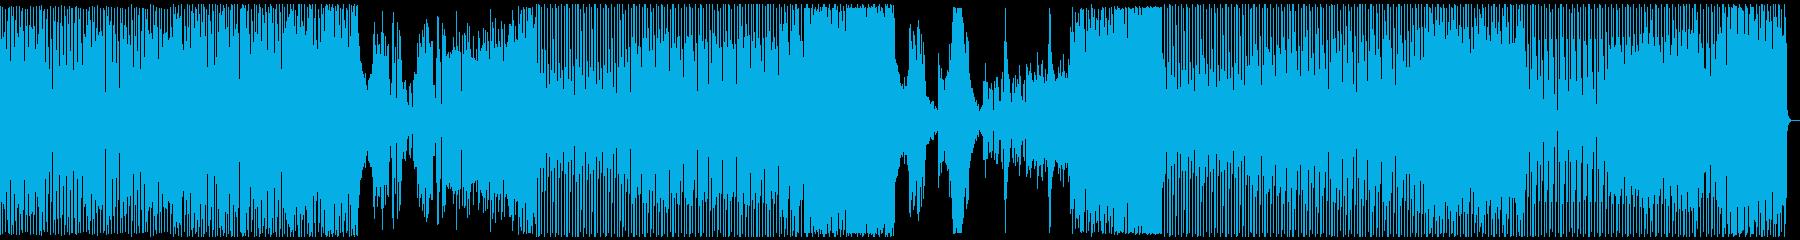 オシャレ・戦闘・スリリングEDM、フルの再生済みの波形